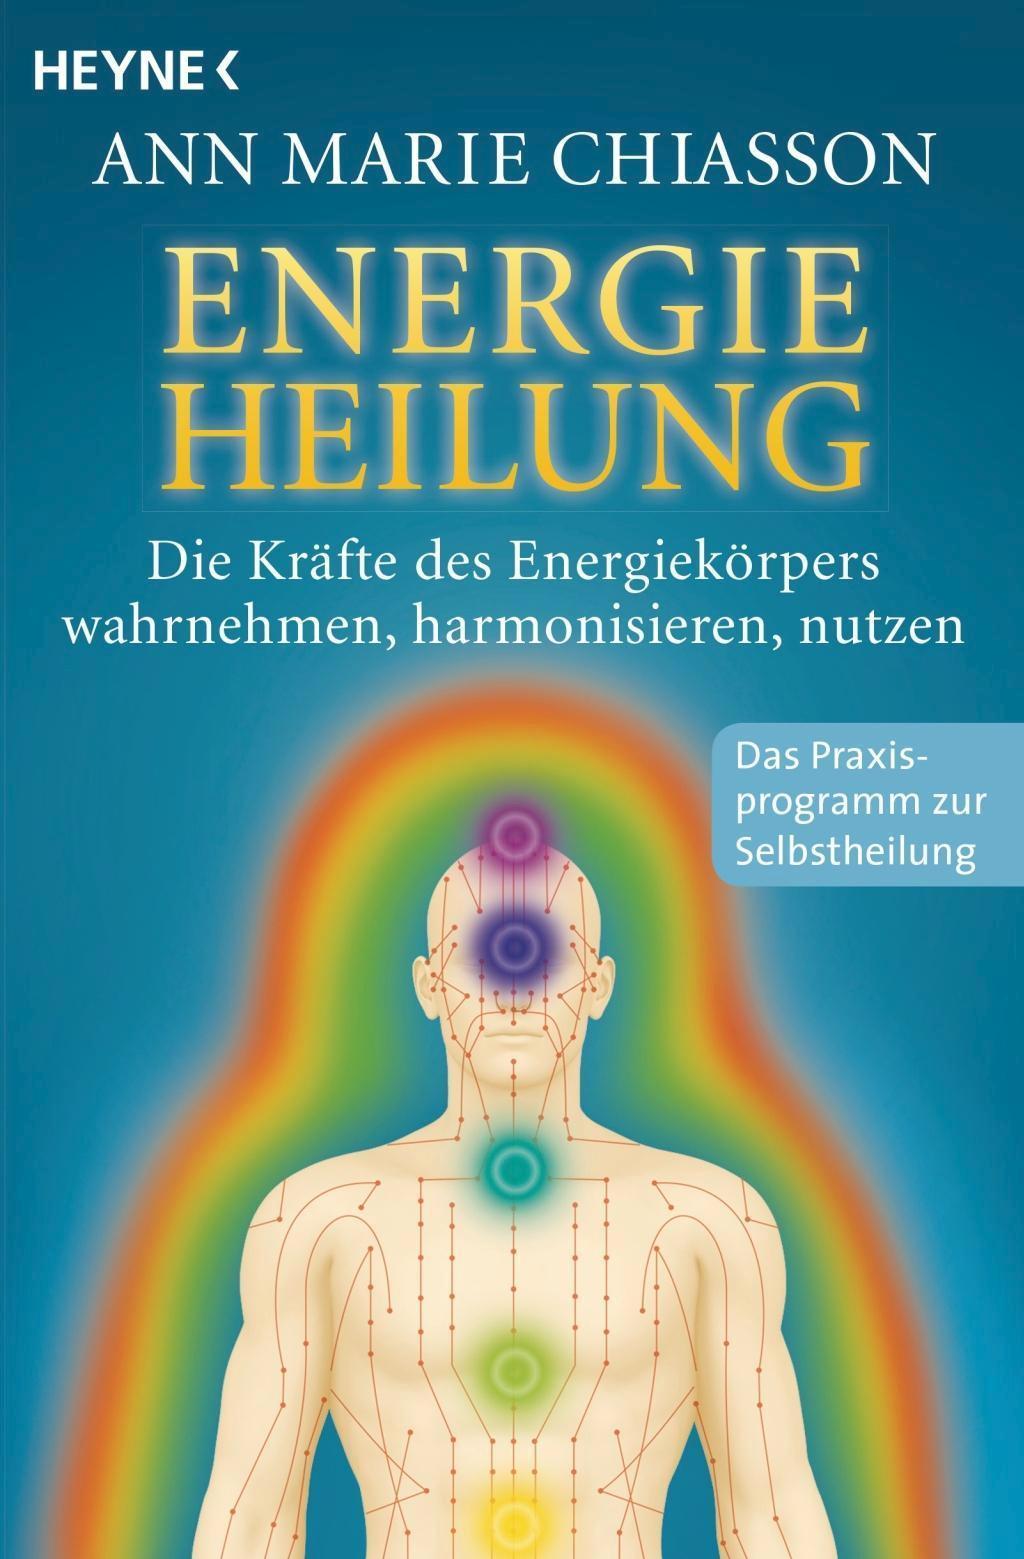 Energieheilung Die Kräfte des Energiekörpers wahrn